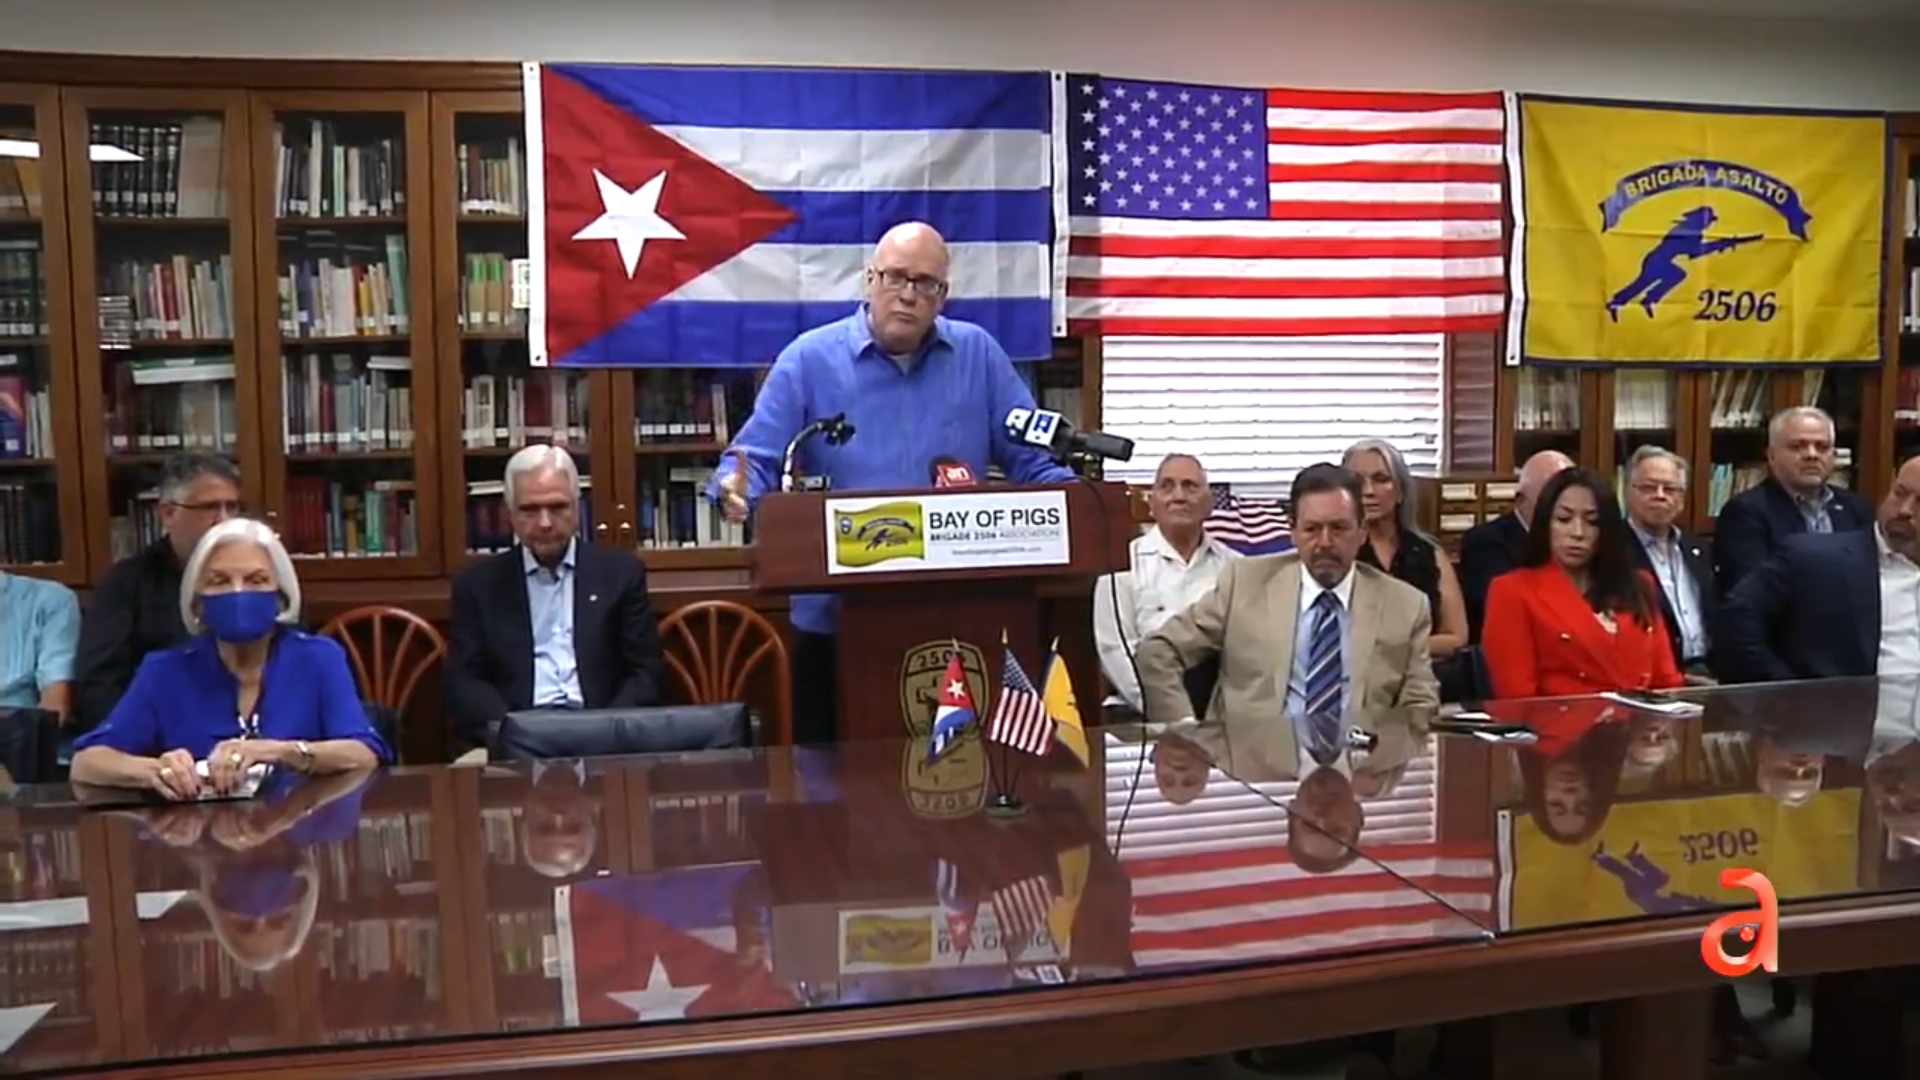 coalicion del exilio cubano en miami se pronuncian en apoyo al paro nacional por la libertad de cuba